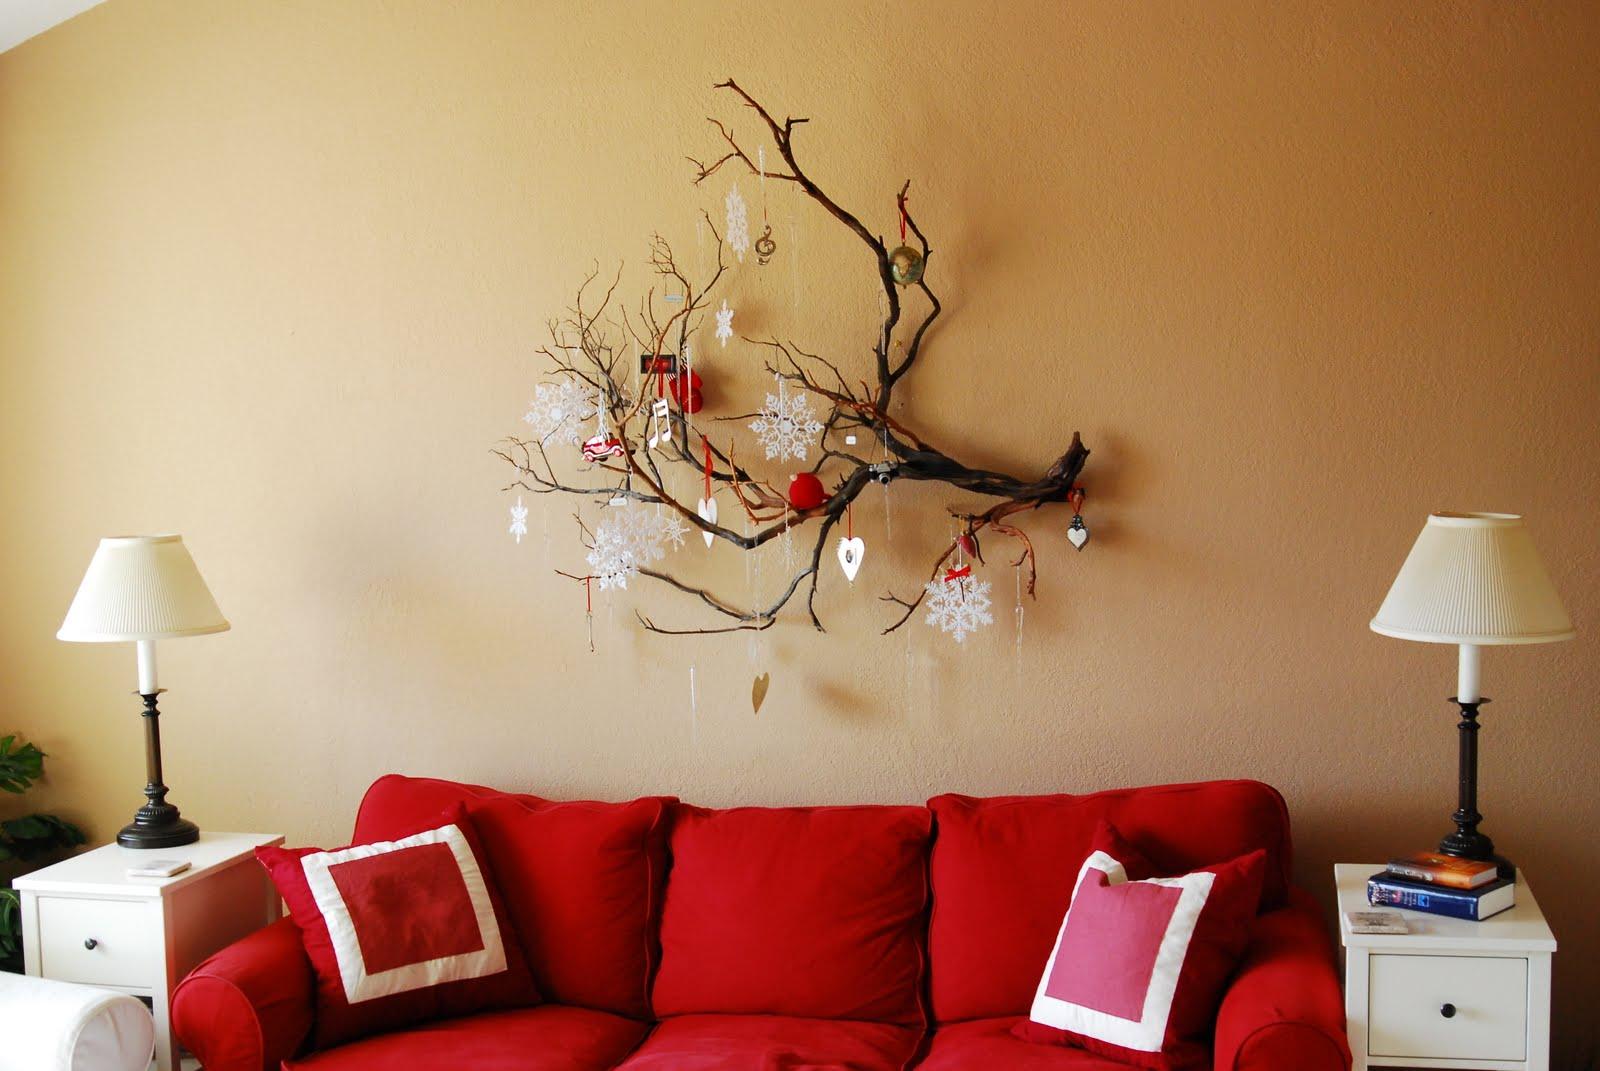 Ветка с новогодним декором в гостиной